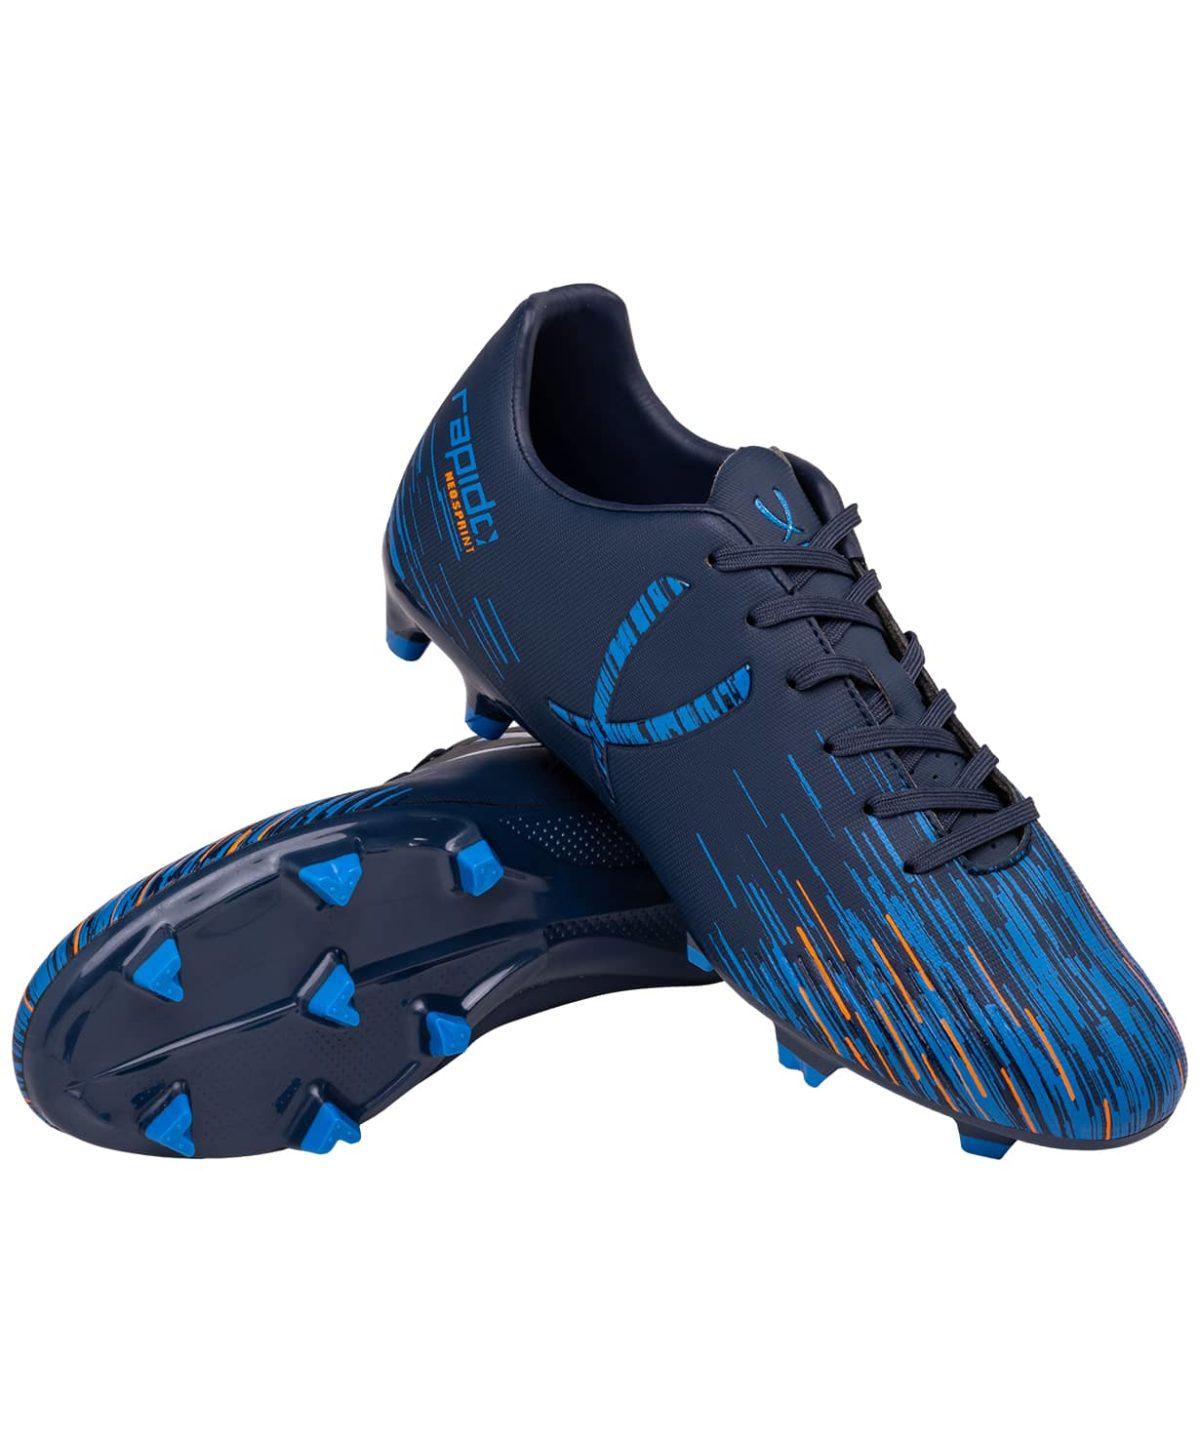 JOGEL Бутсы футбольные Rapido (41-45)  JSH401: синий - 4